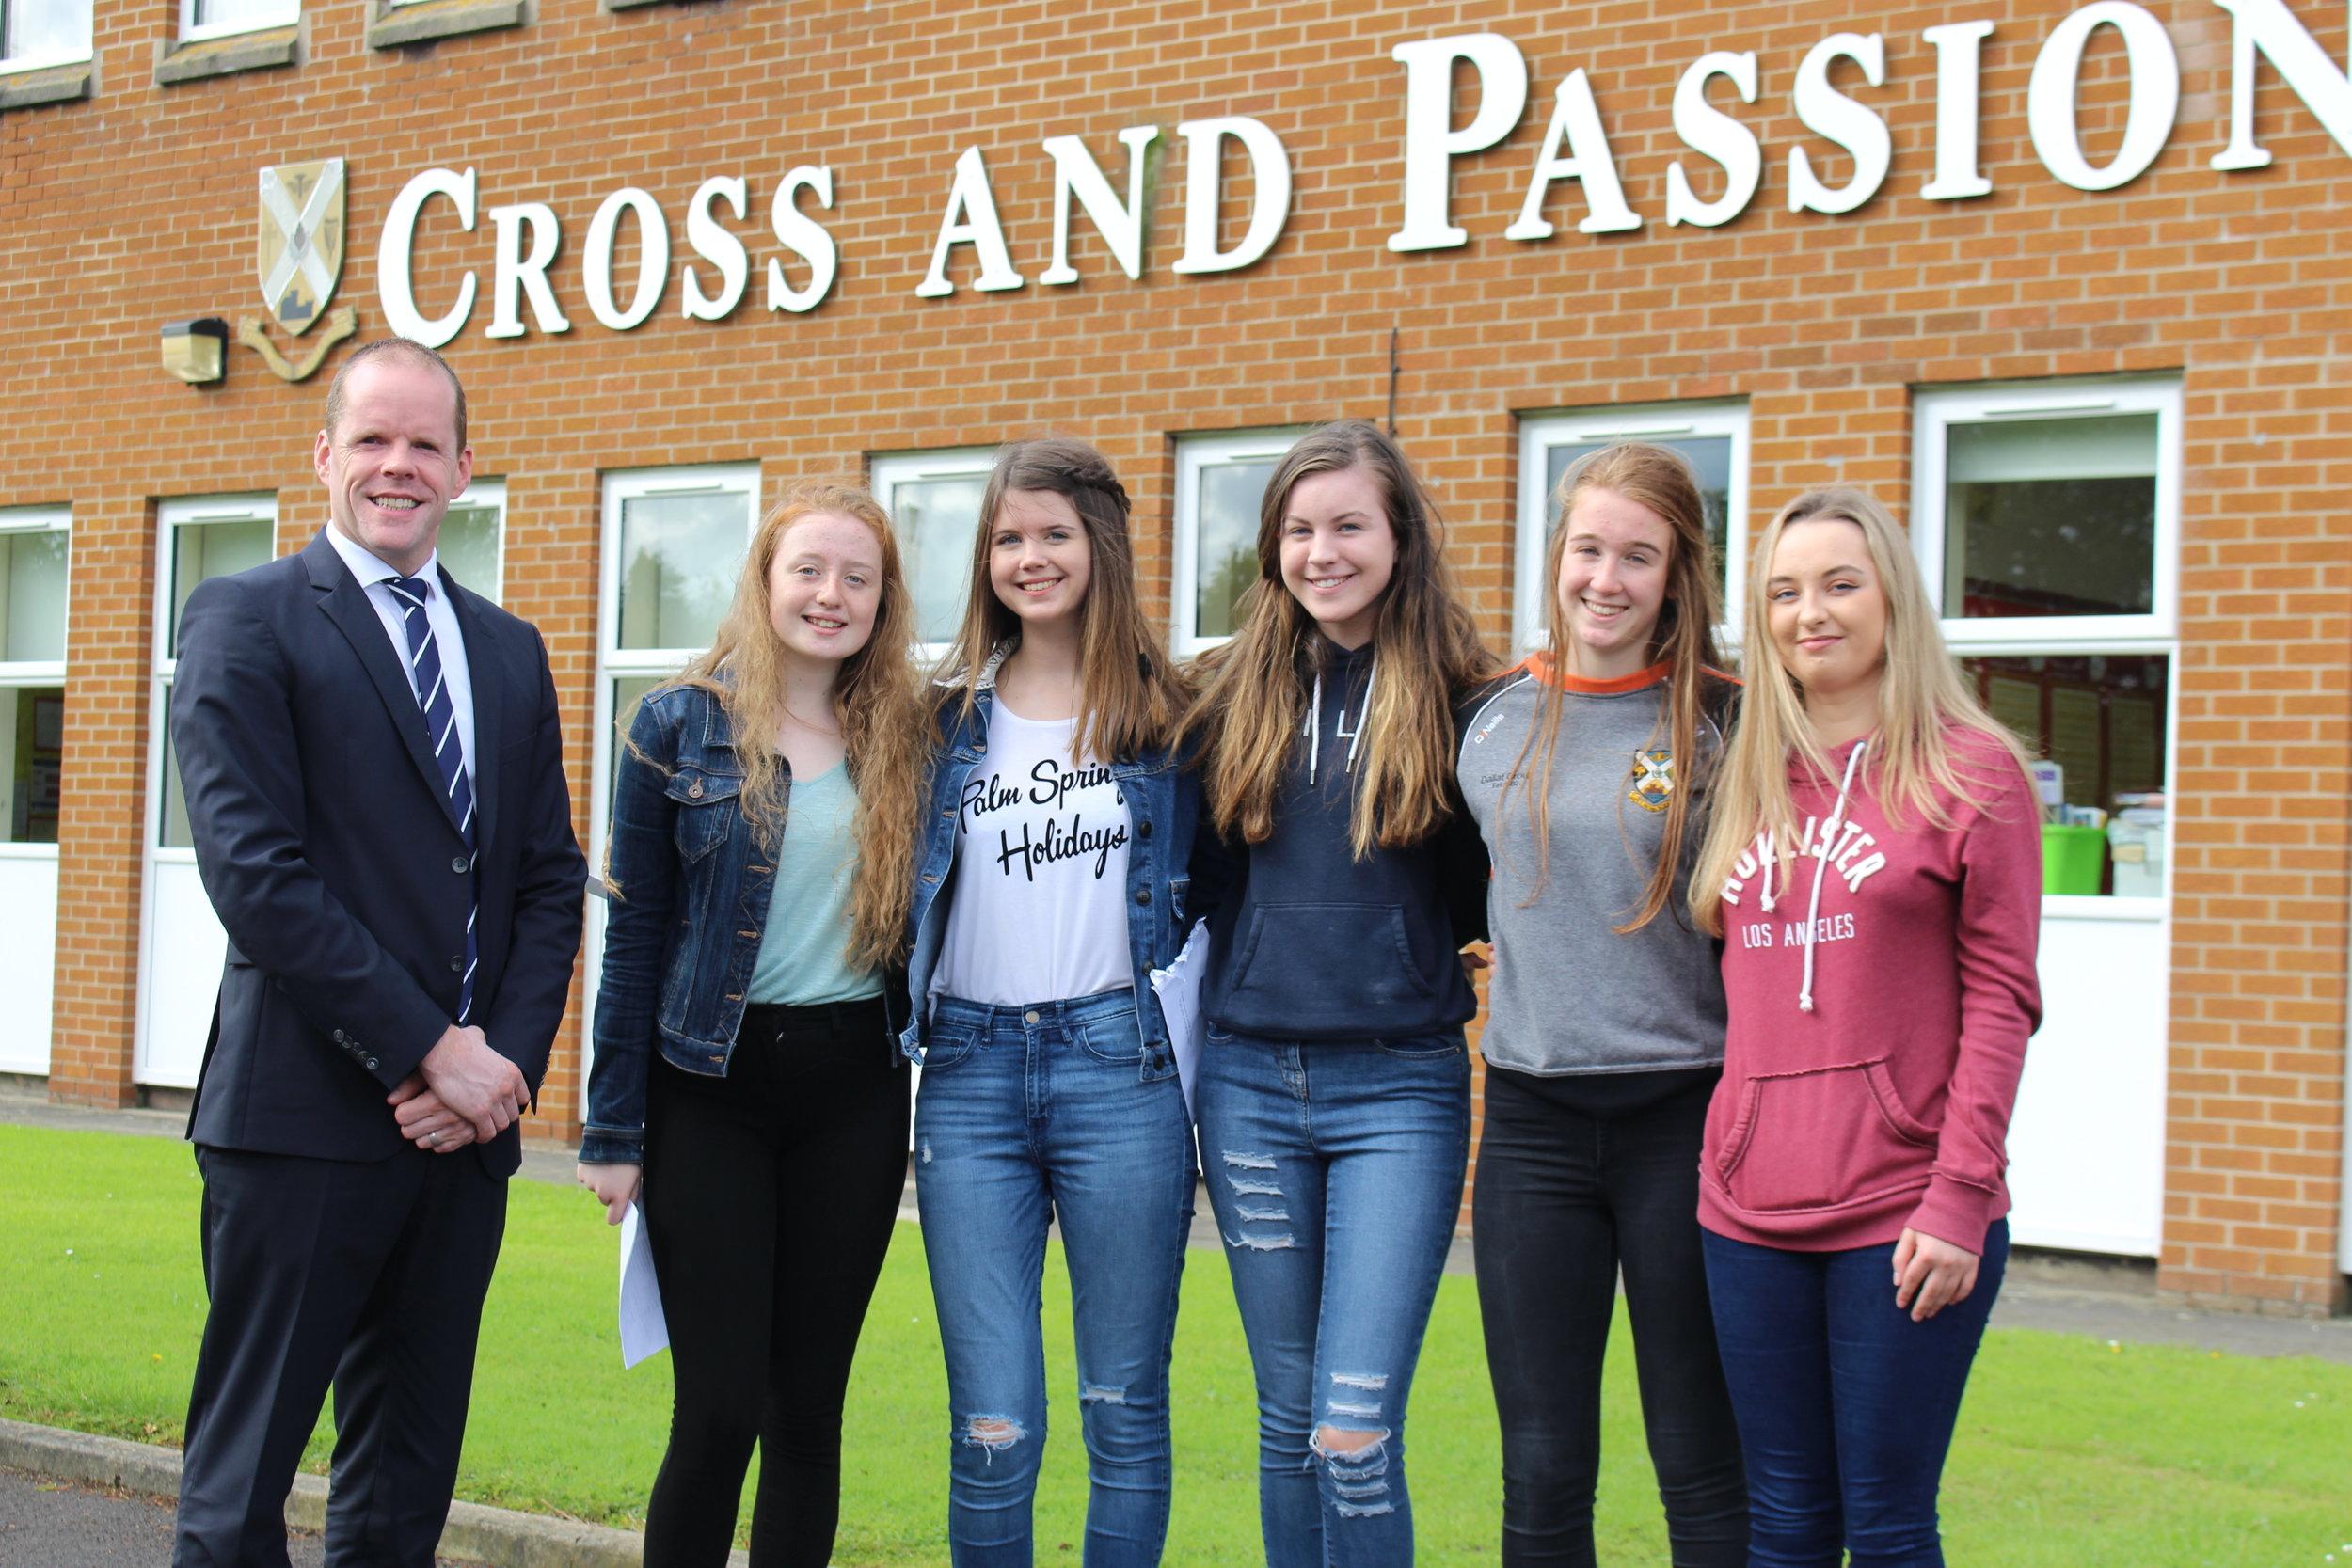 Mr Paul McClean, Molly McAlonan 10 A* 1 A, Lucy McCaughan 11 A*, Zoe Lynn 10 A*, Ciara Mathers 11 A*, Clodagh McSorley 10 A*